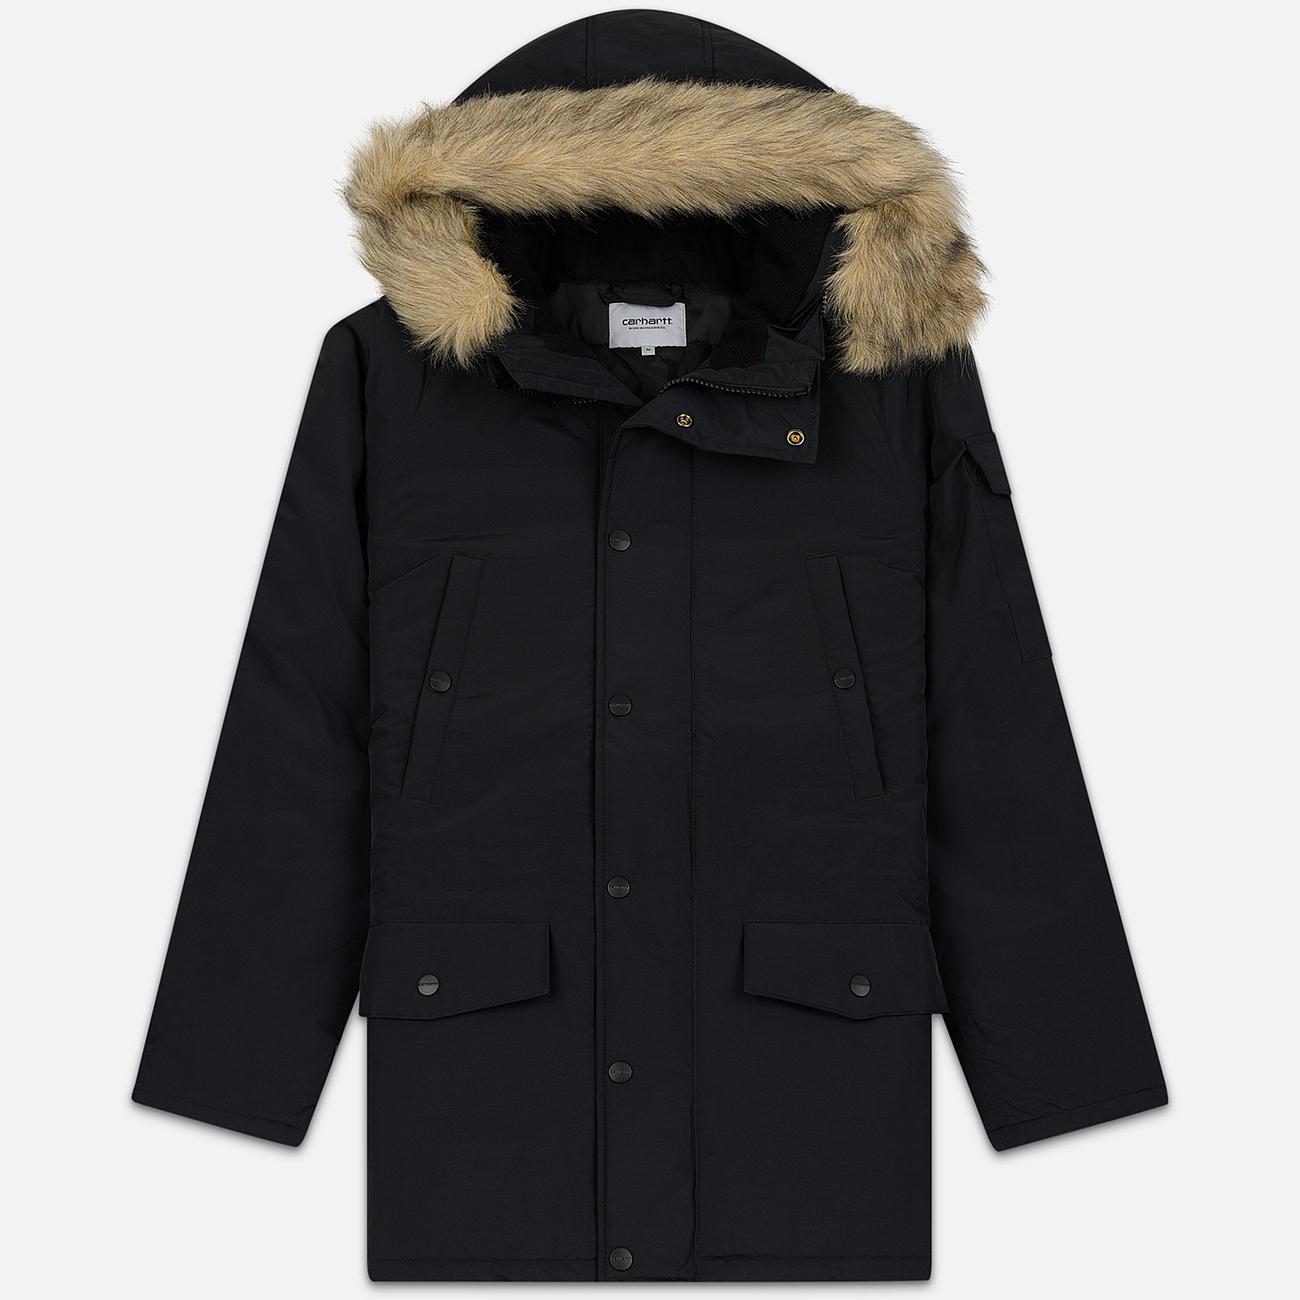 Мужская куртка парка Carhartt WIP Anchorage 4 Oz Black